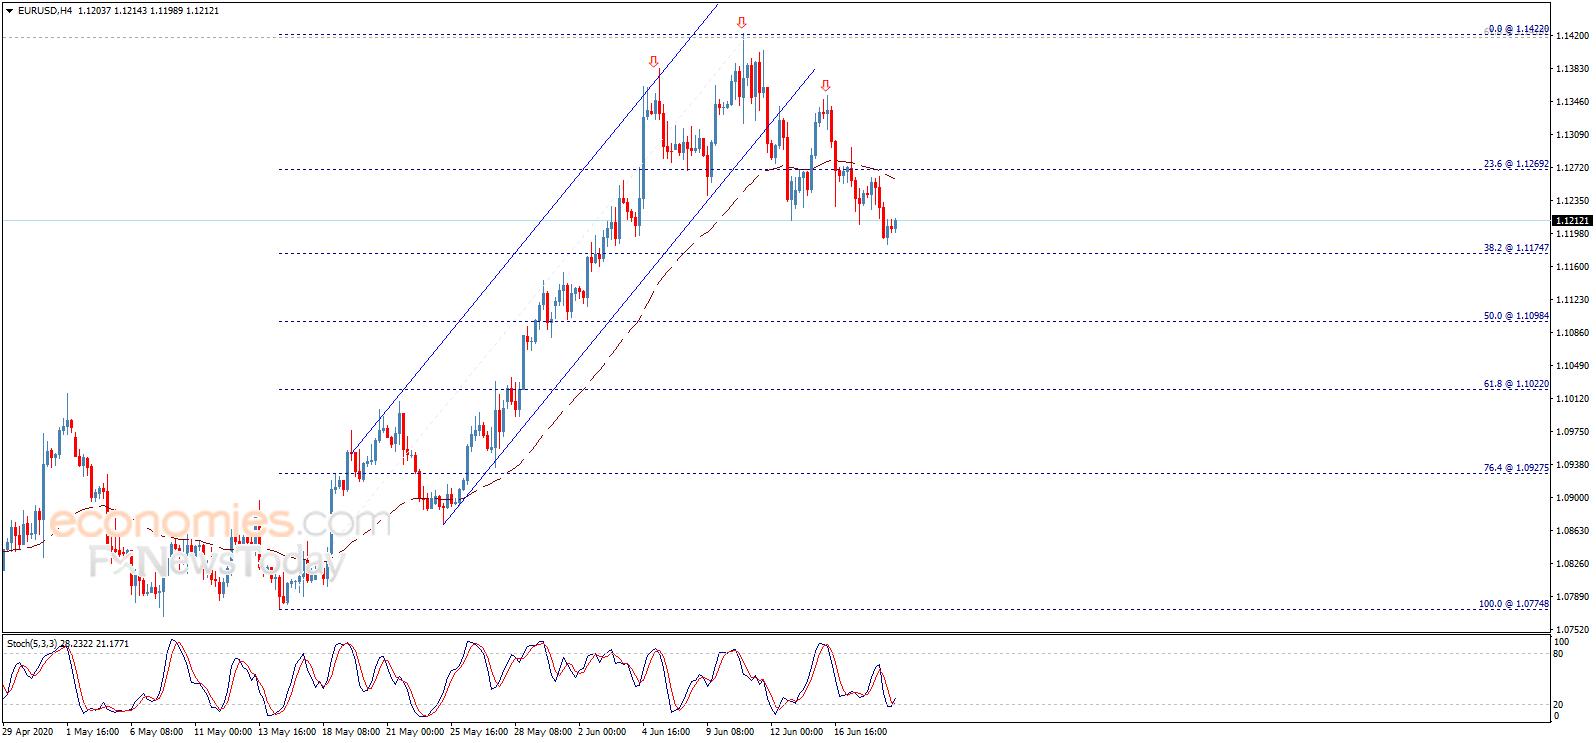 金价刚刚触及1730 欧元、英镑、日元日内交易分析|外汇ao指标